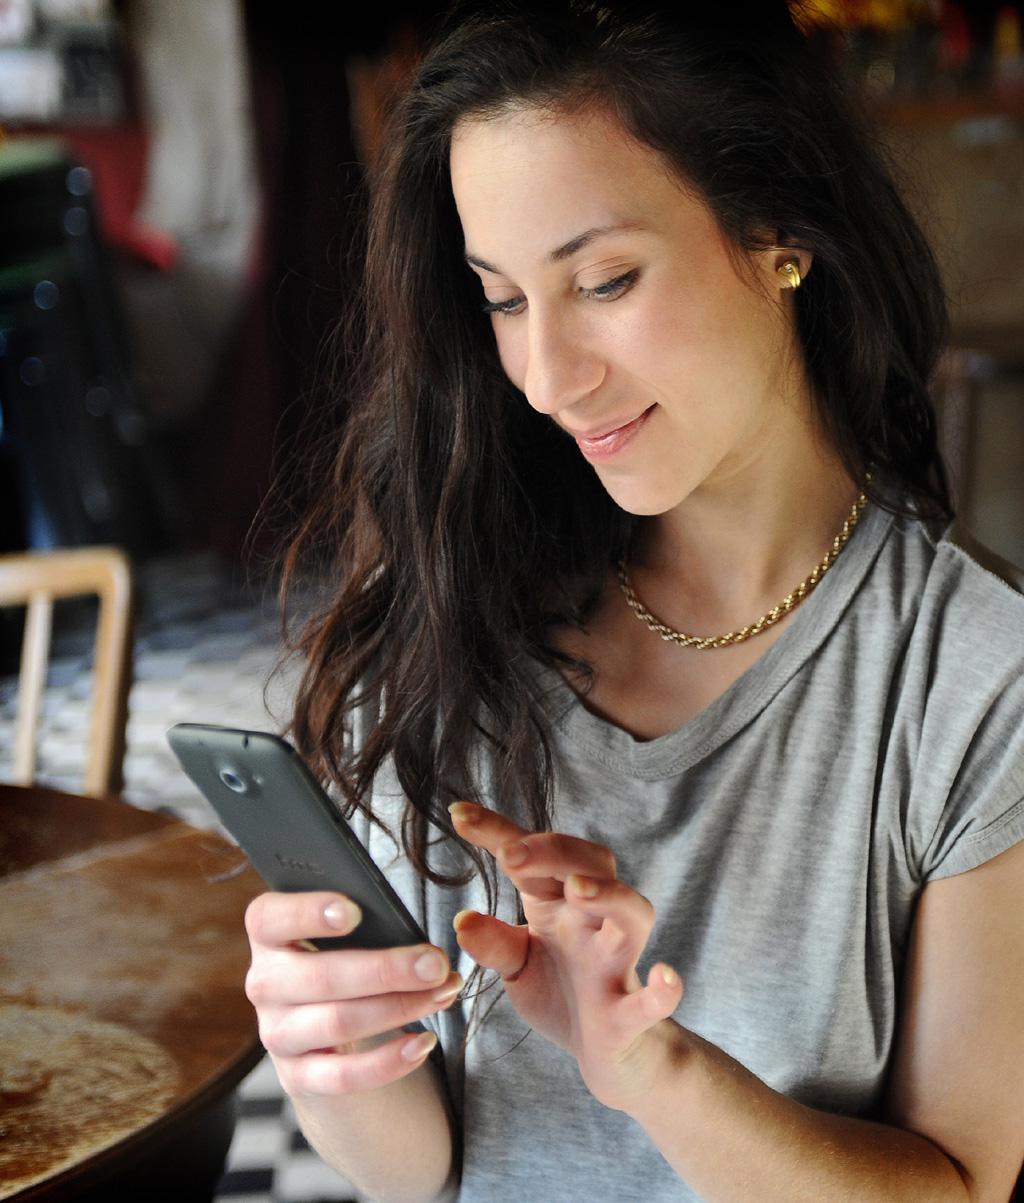 LTE: Bilder und Videos unterwegs schnell an Freunde verschicken